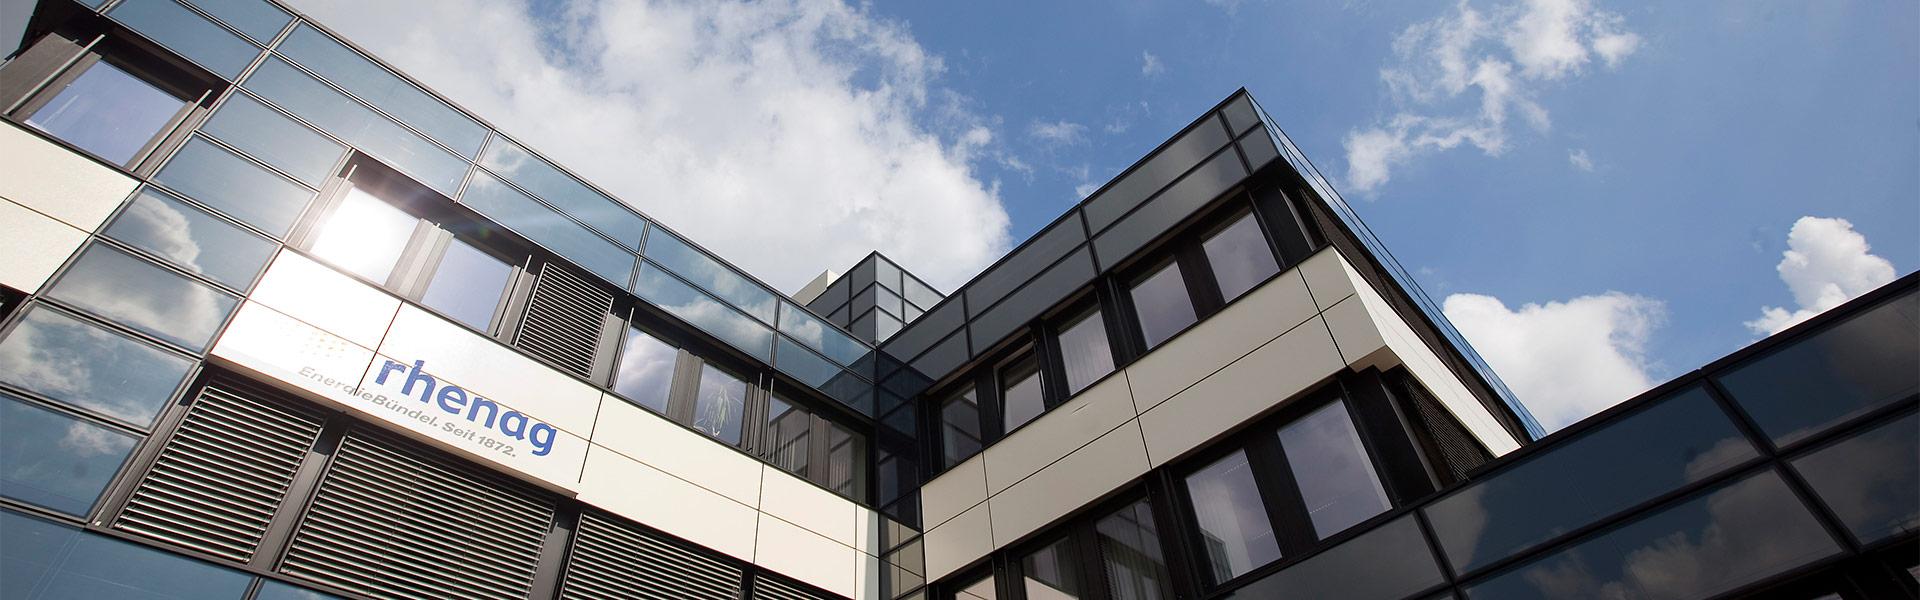 rhenag-Kundenzentrum in Siegburg